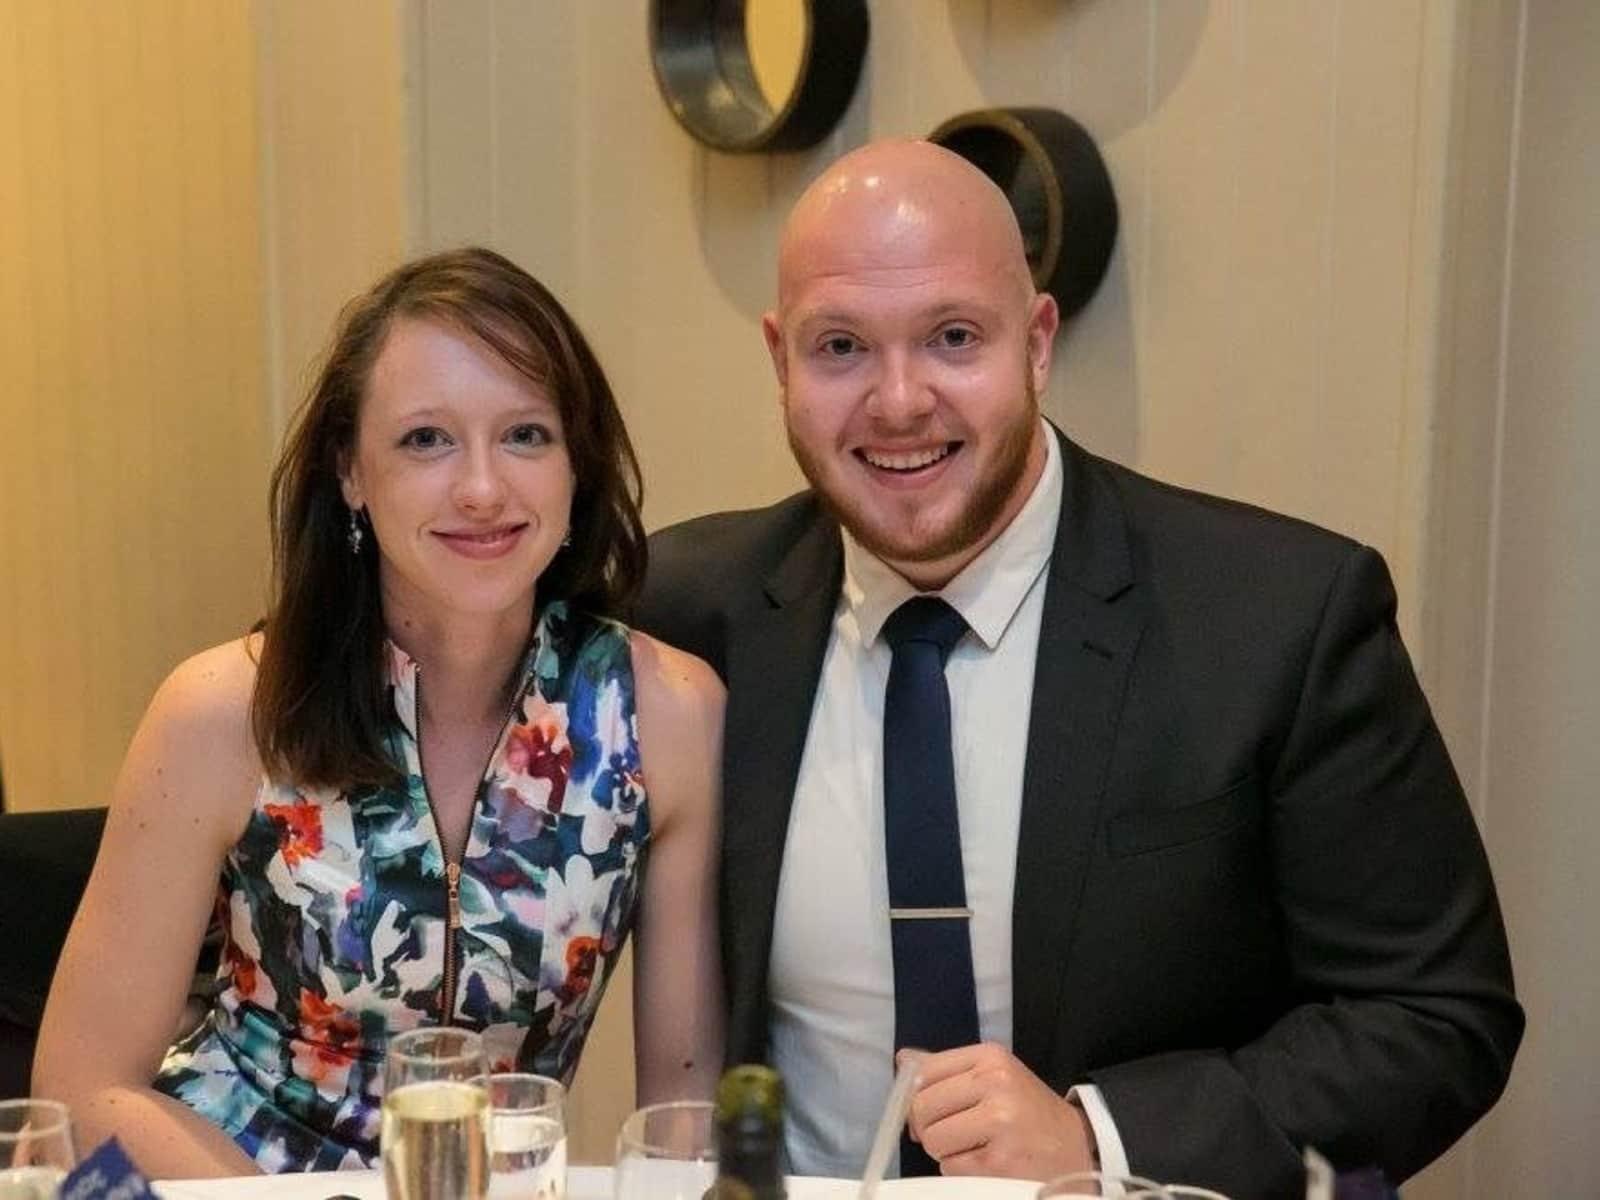 Ellen & Martyn from Wynnum, Queensland, Australia